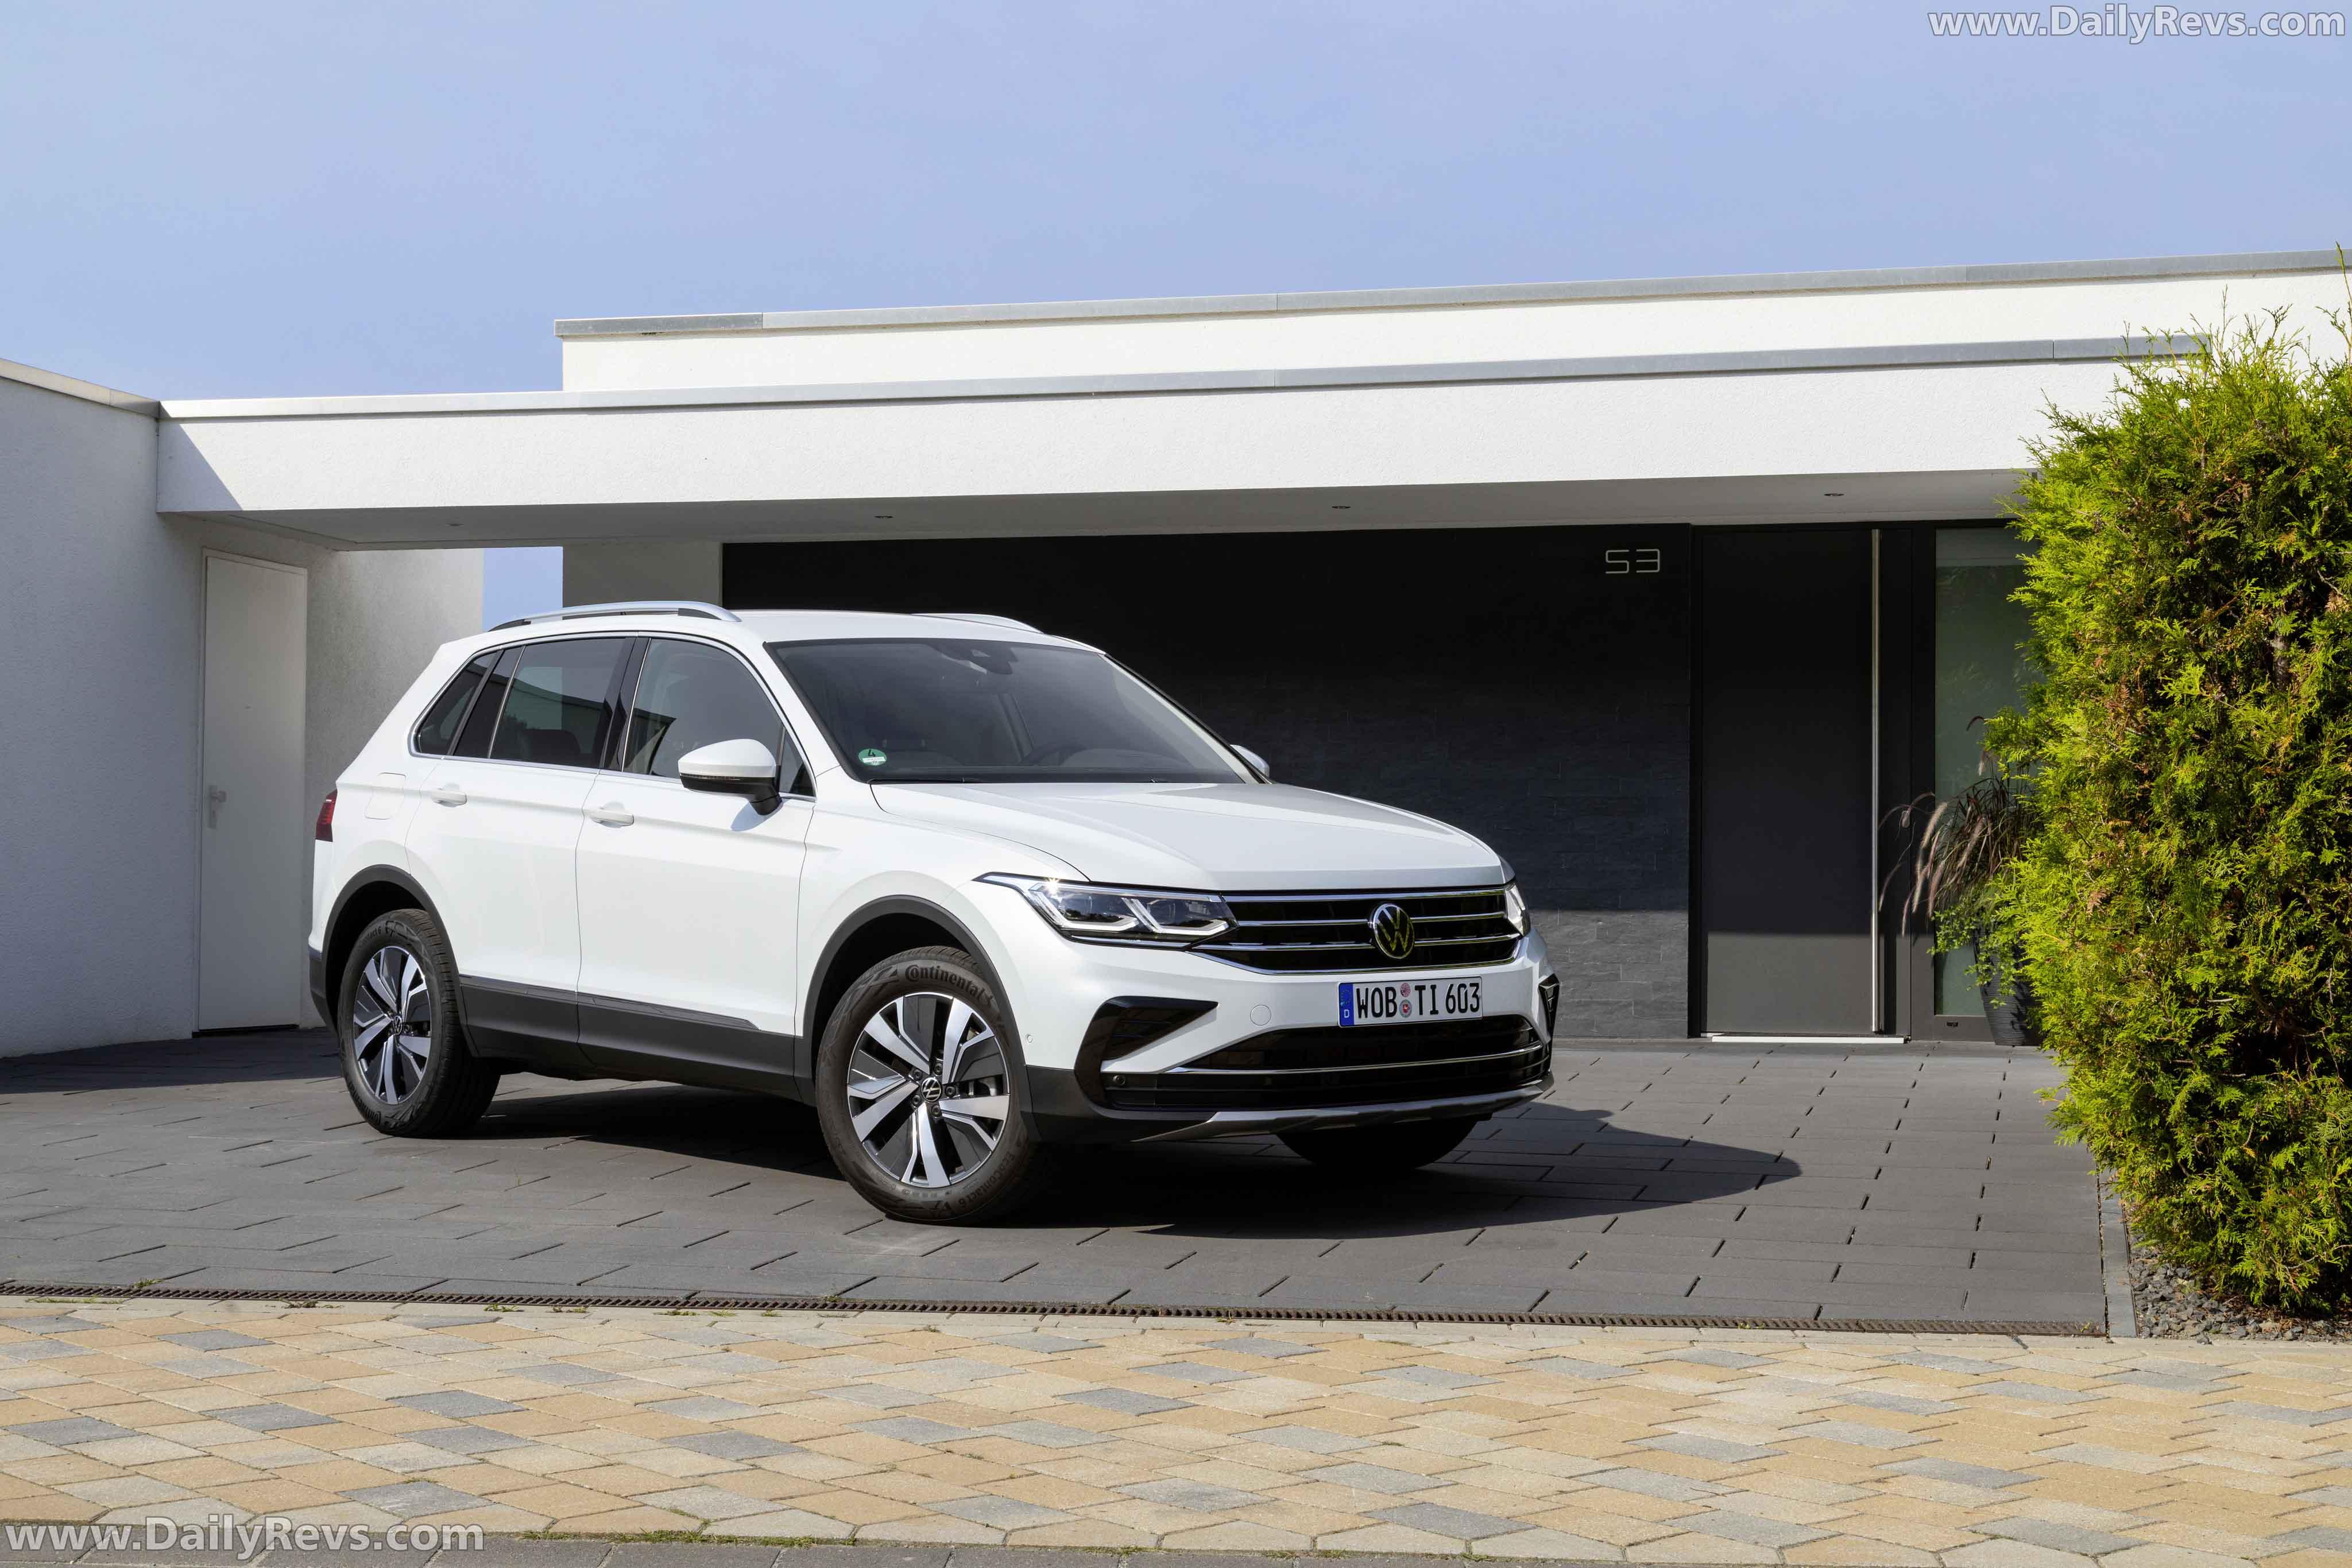 2021 Volkswagen Tiguan e-Hybrid - Dailyrevs